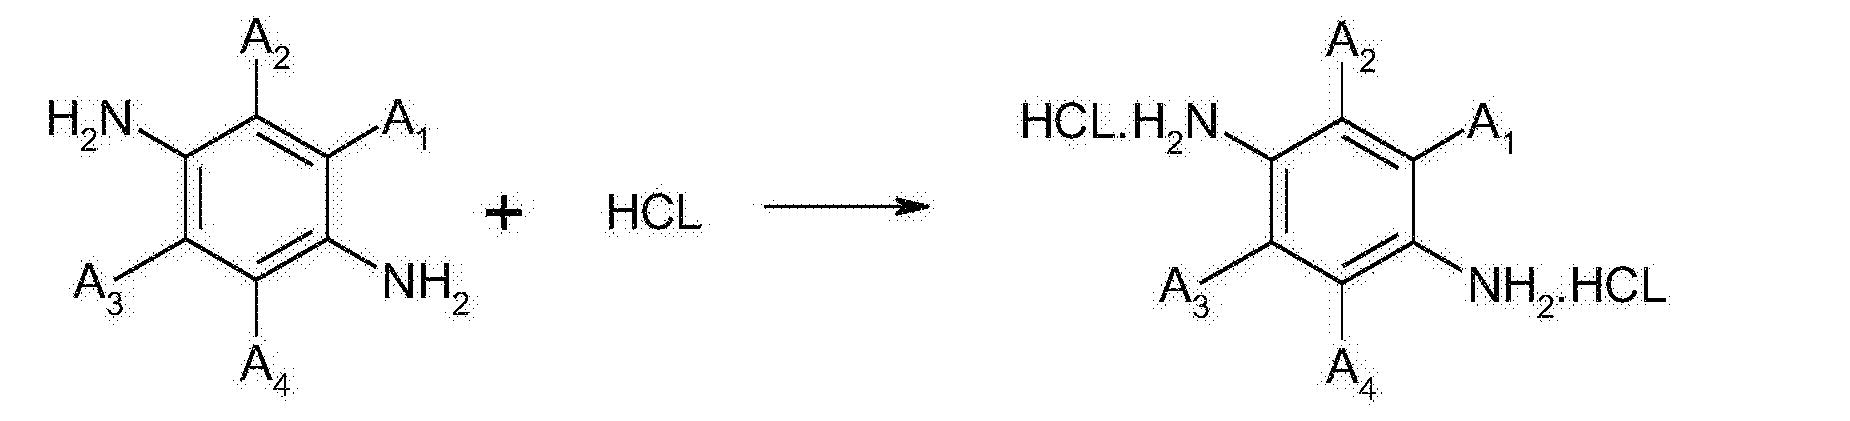 Figure CN107200691AC00021